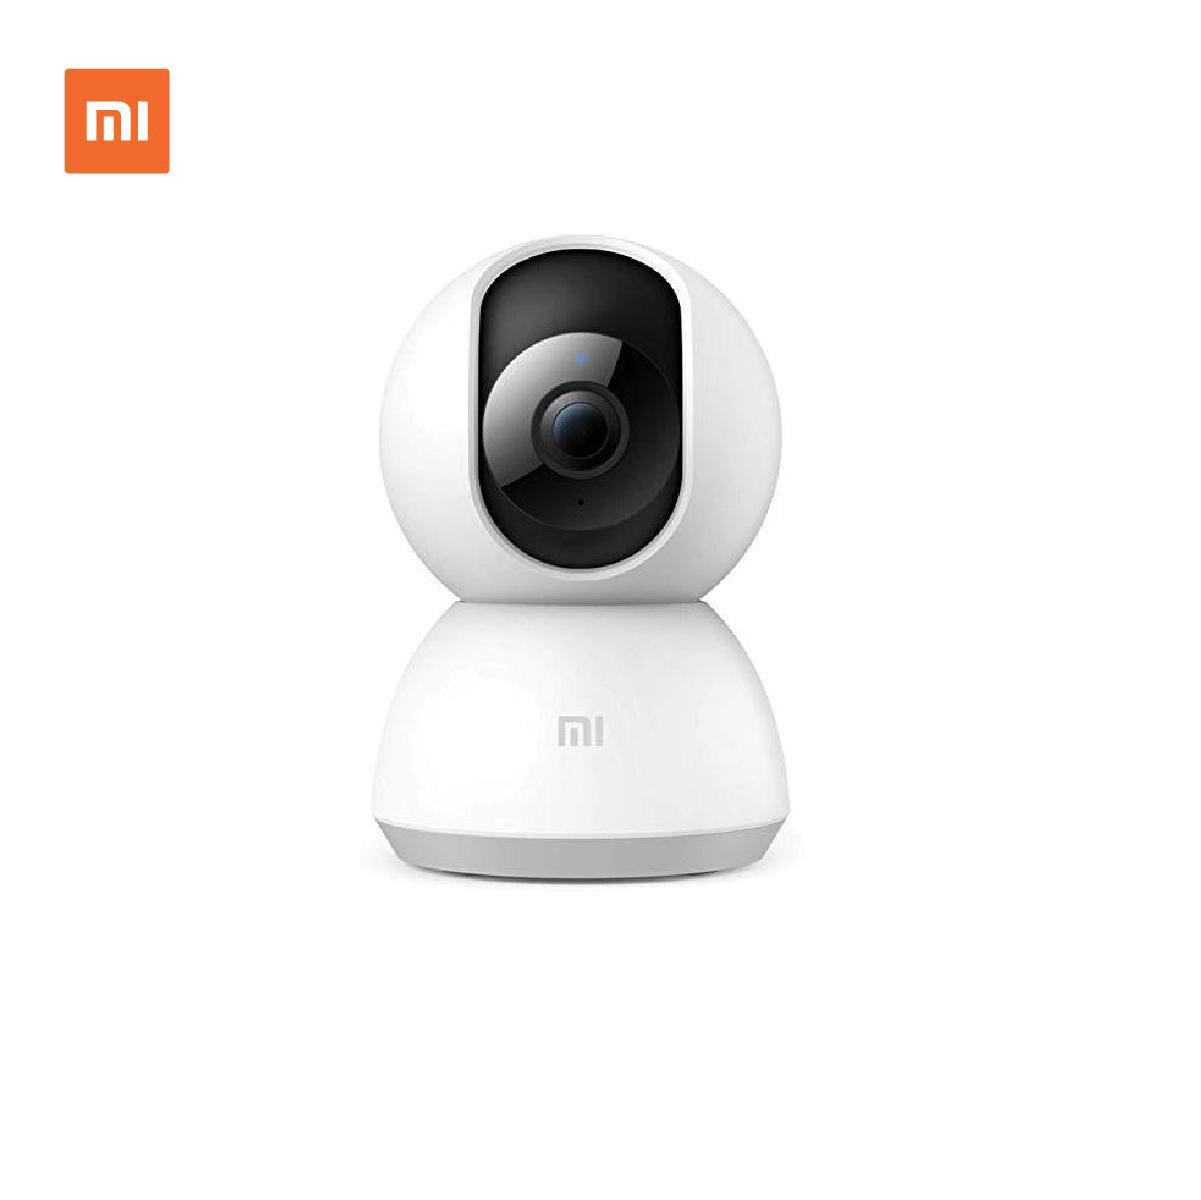 กล้องไอพี วงจรปิดไร้สาย Xiaomi Mi Mijia Home Security Camera 360 ความละเอียด (1080p) (19166) Ip Camera ดูผ่านappมือถือ หมุนได้ 360 องศา (รับประกันศูนย์ไทย 1 ปี)/global Version ส่งเร็ว.